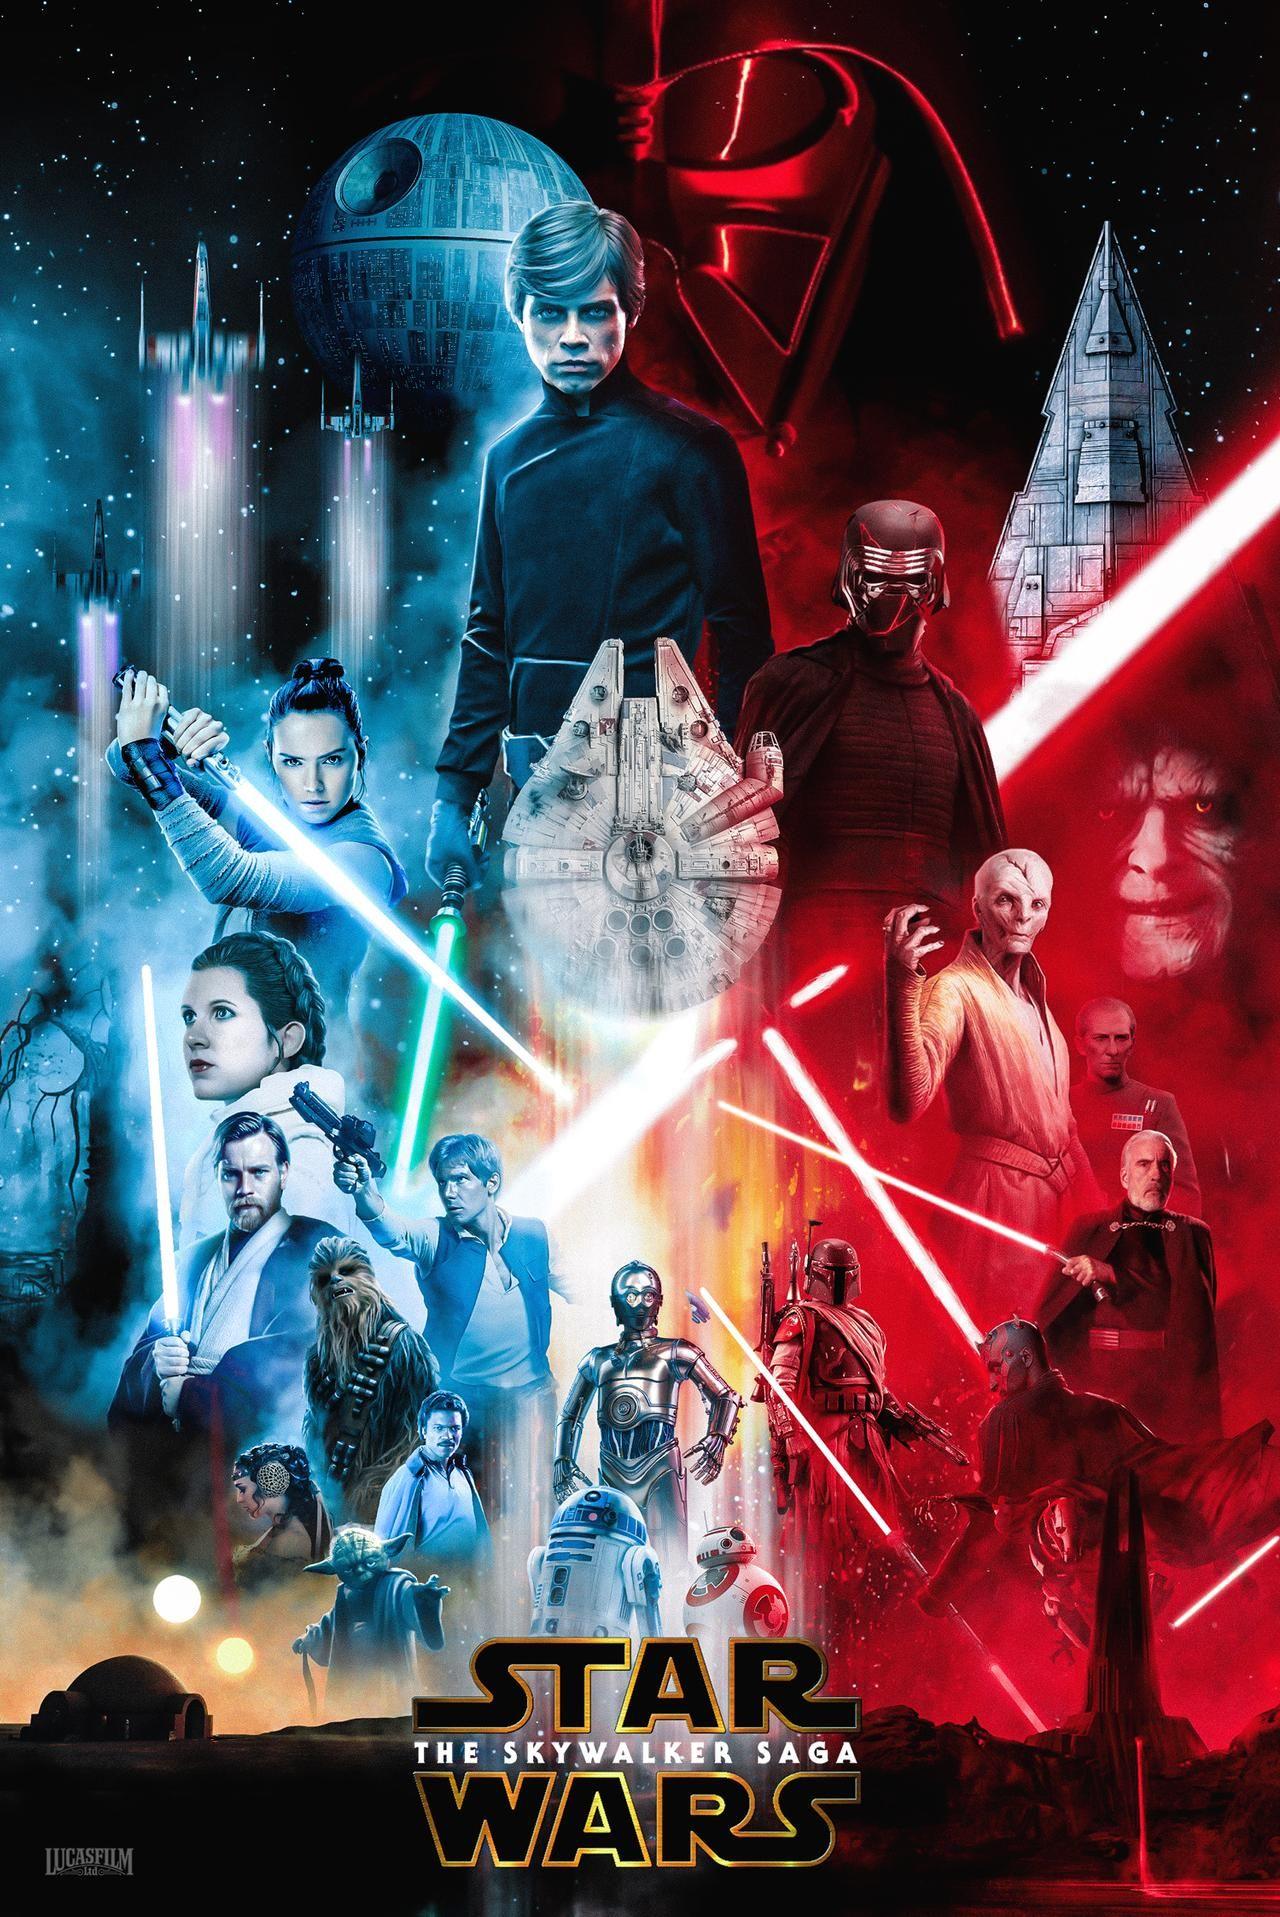 Star Wars The Skywalker Saga By Darksideofdesign On Deviantart In 2020 Star Wars Movies Posters Star Wars Pictures Star Wars Background